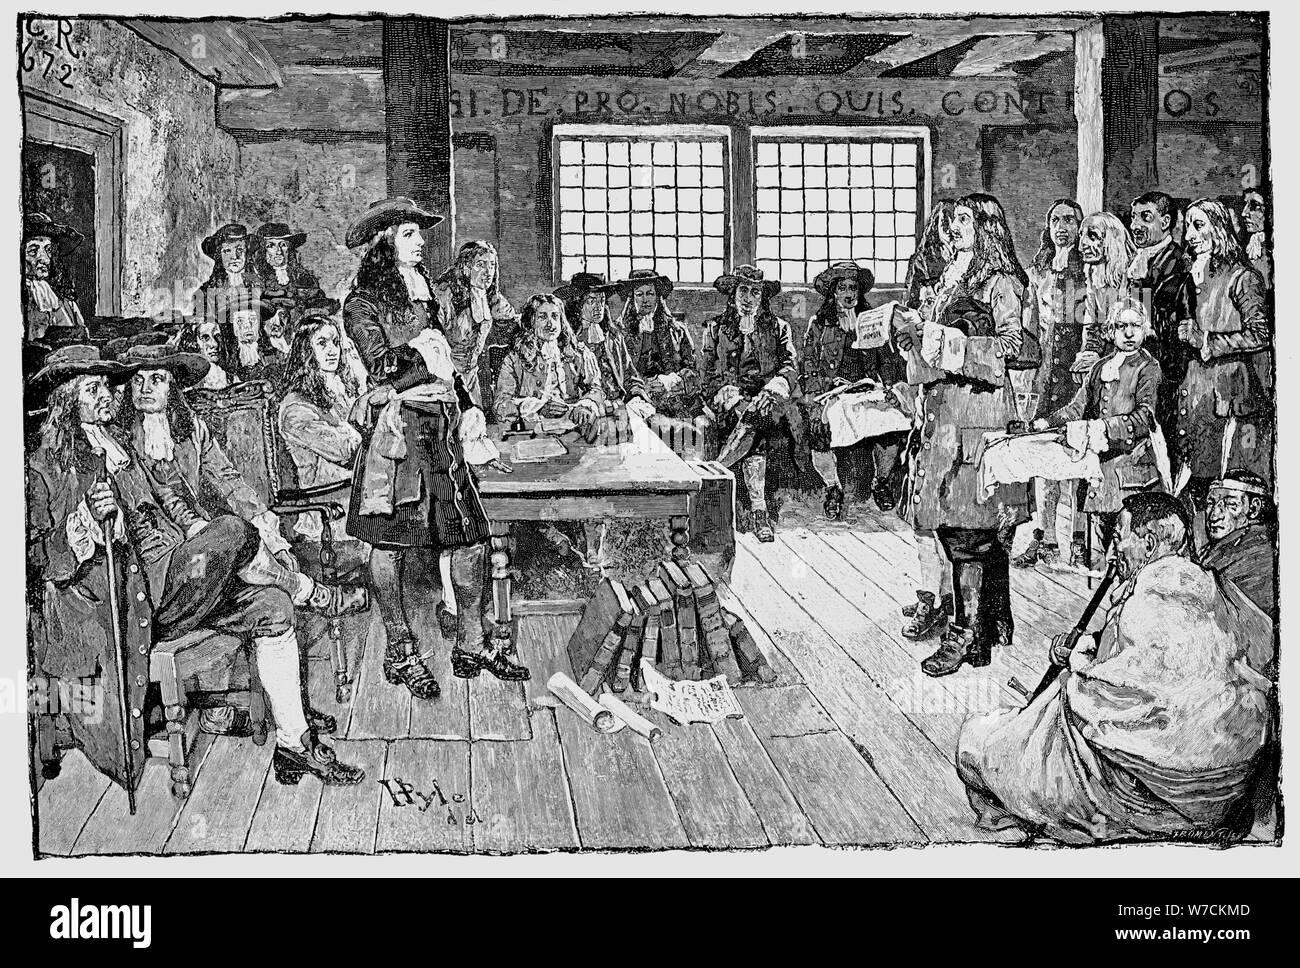 William Penn (1644-1718), quaker anglais colonialistes et fondateur de la Pennsylvanie, 1682. Artiste: Inconnu Banque D'Images